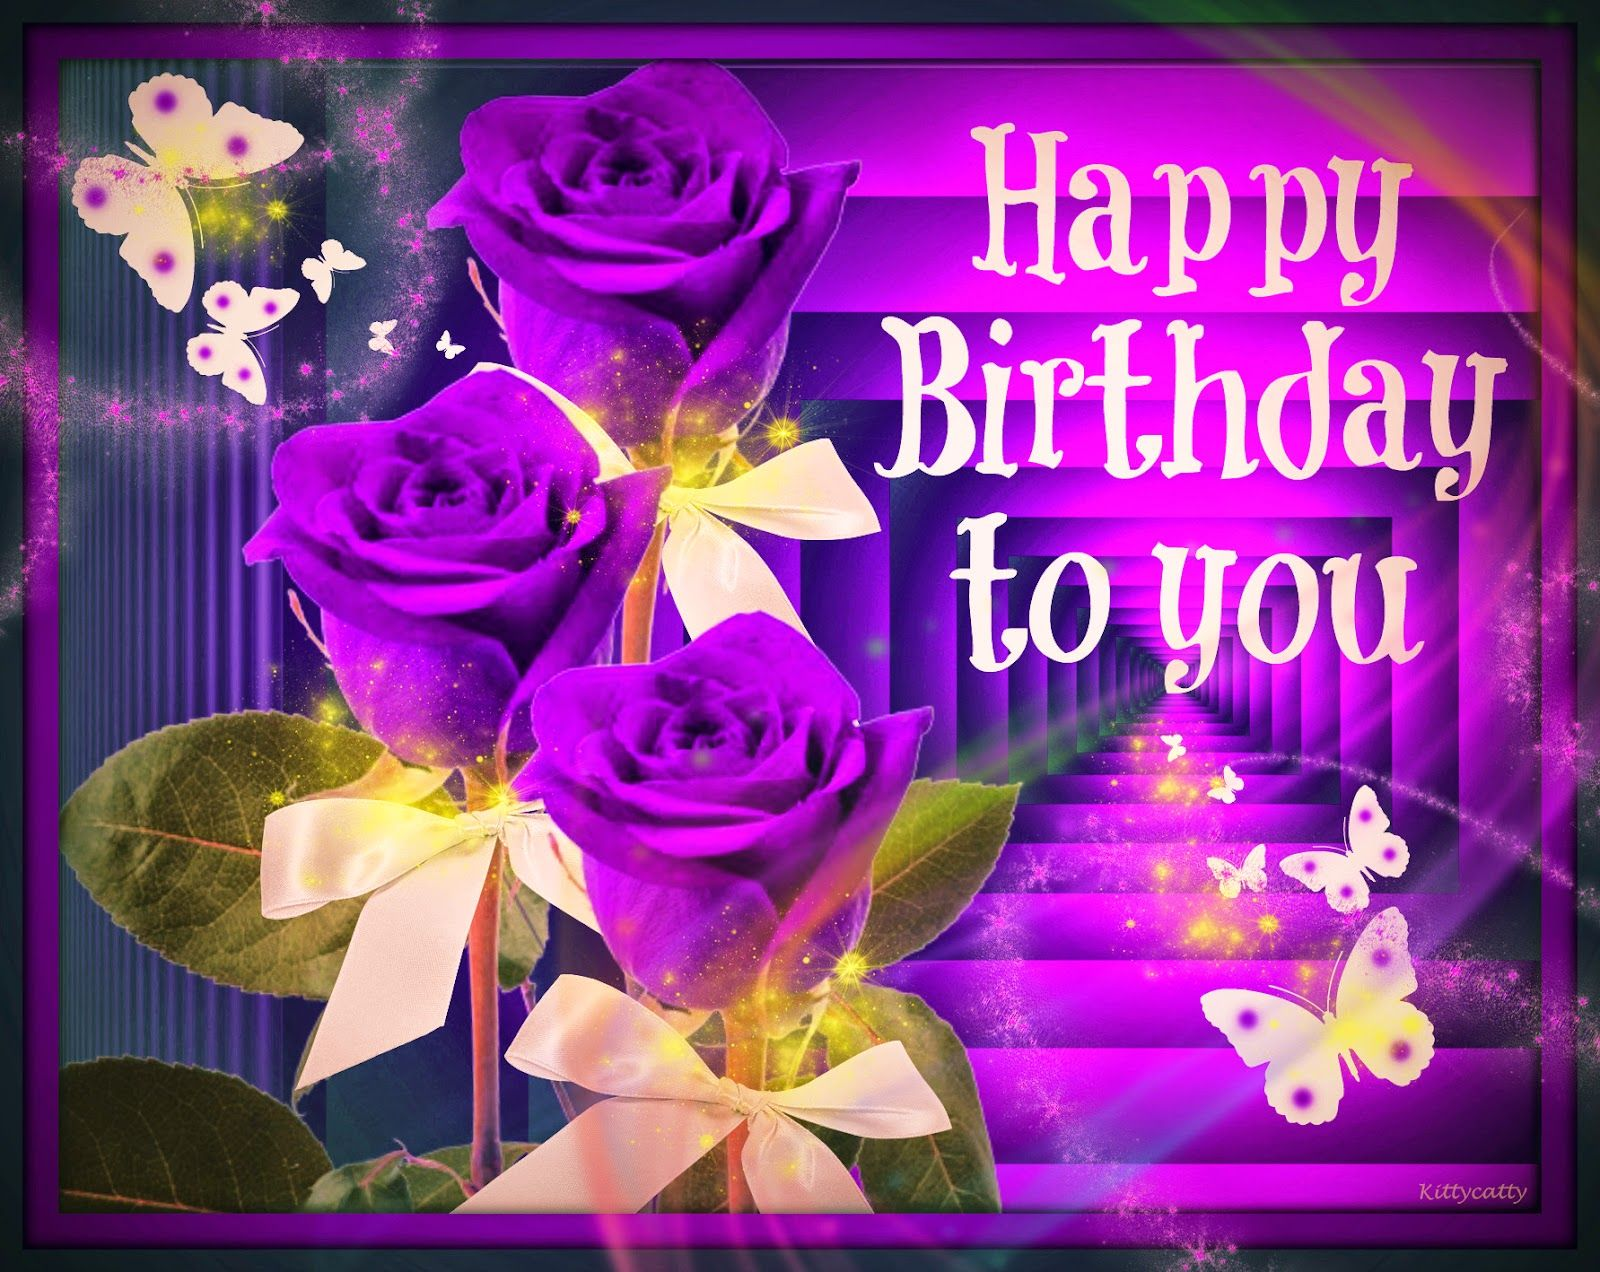 Felicitaciones De Cumpleaños Con Flores: Tarjetas De Cumpleaños Con Flores Para Fondo De Pantalla